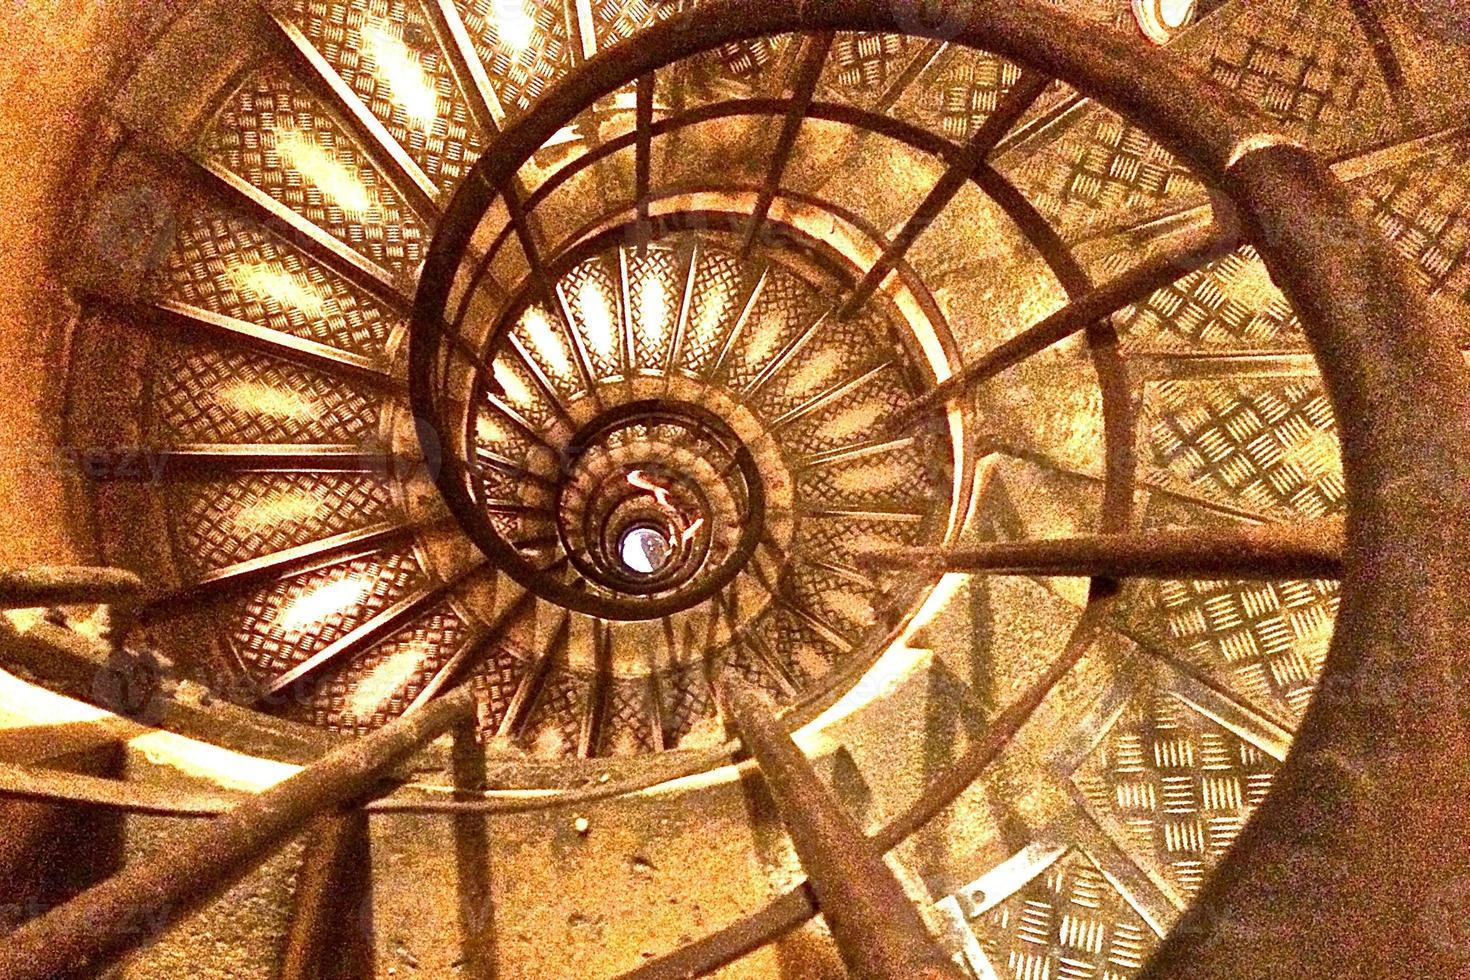 dentro de uma escada em espiral foto